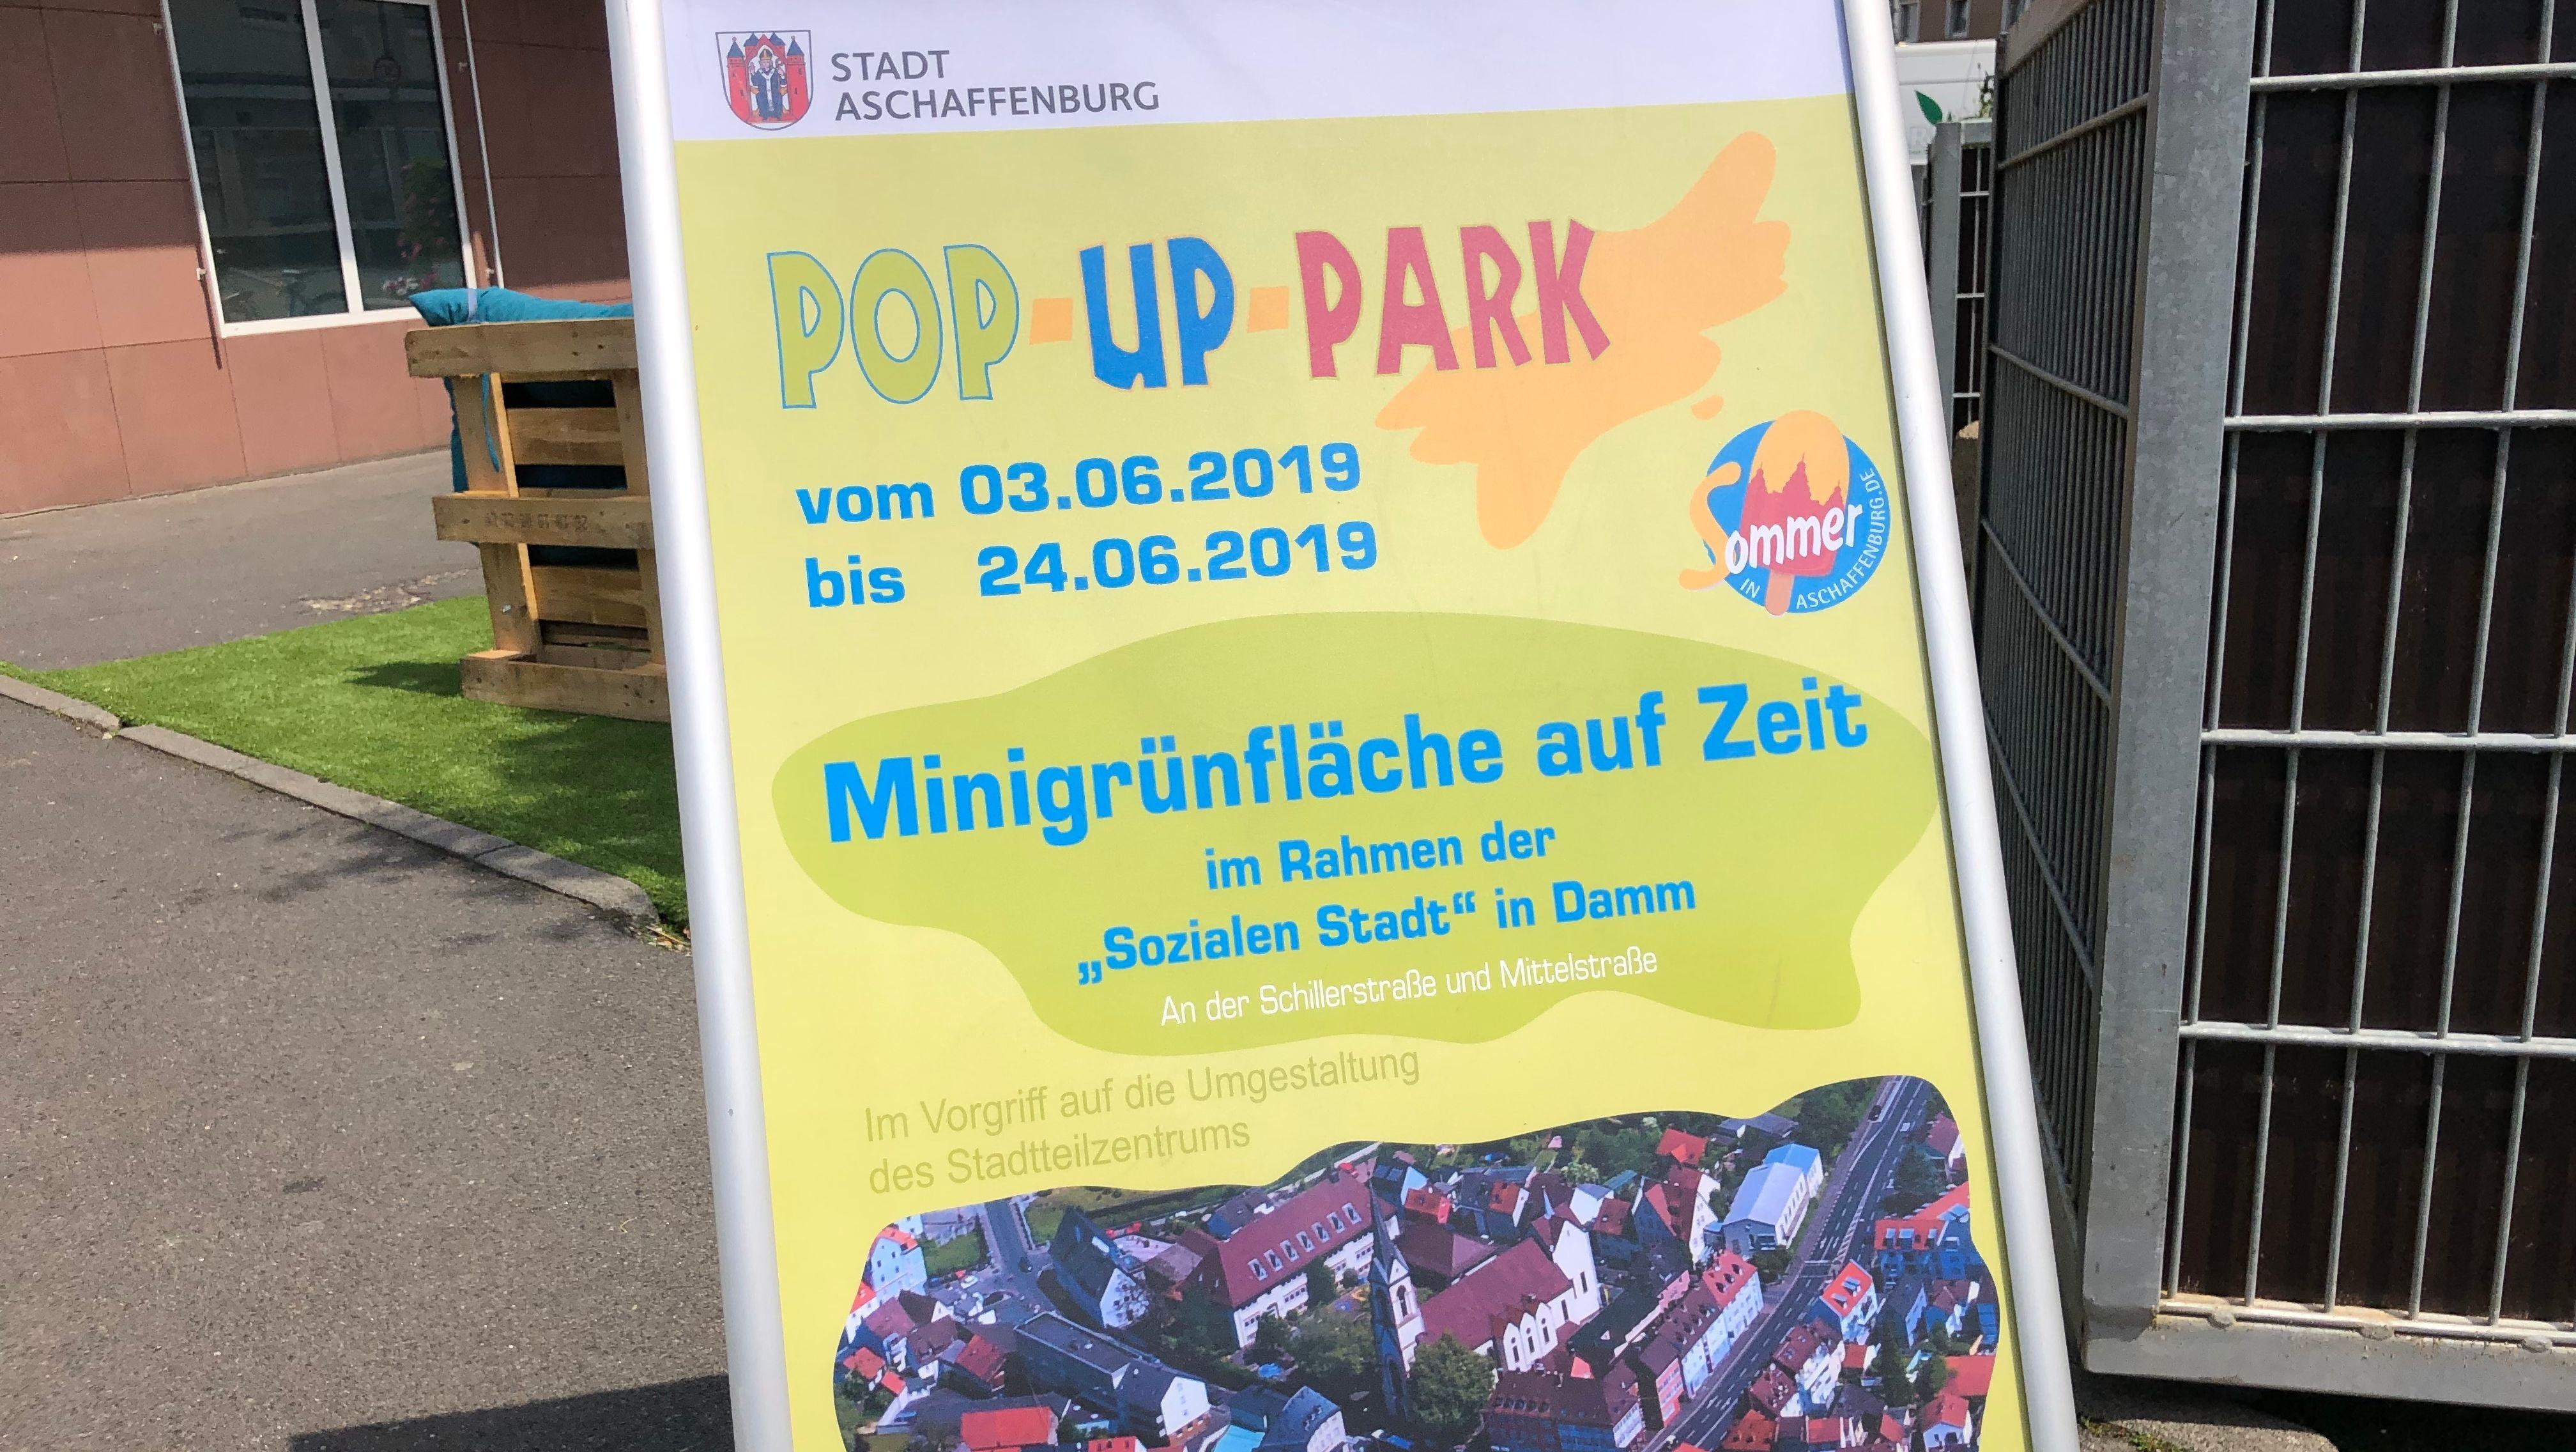 Plakat für Pop-Up Park in Aschaffenburg